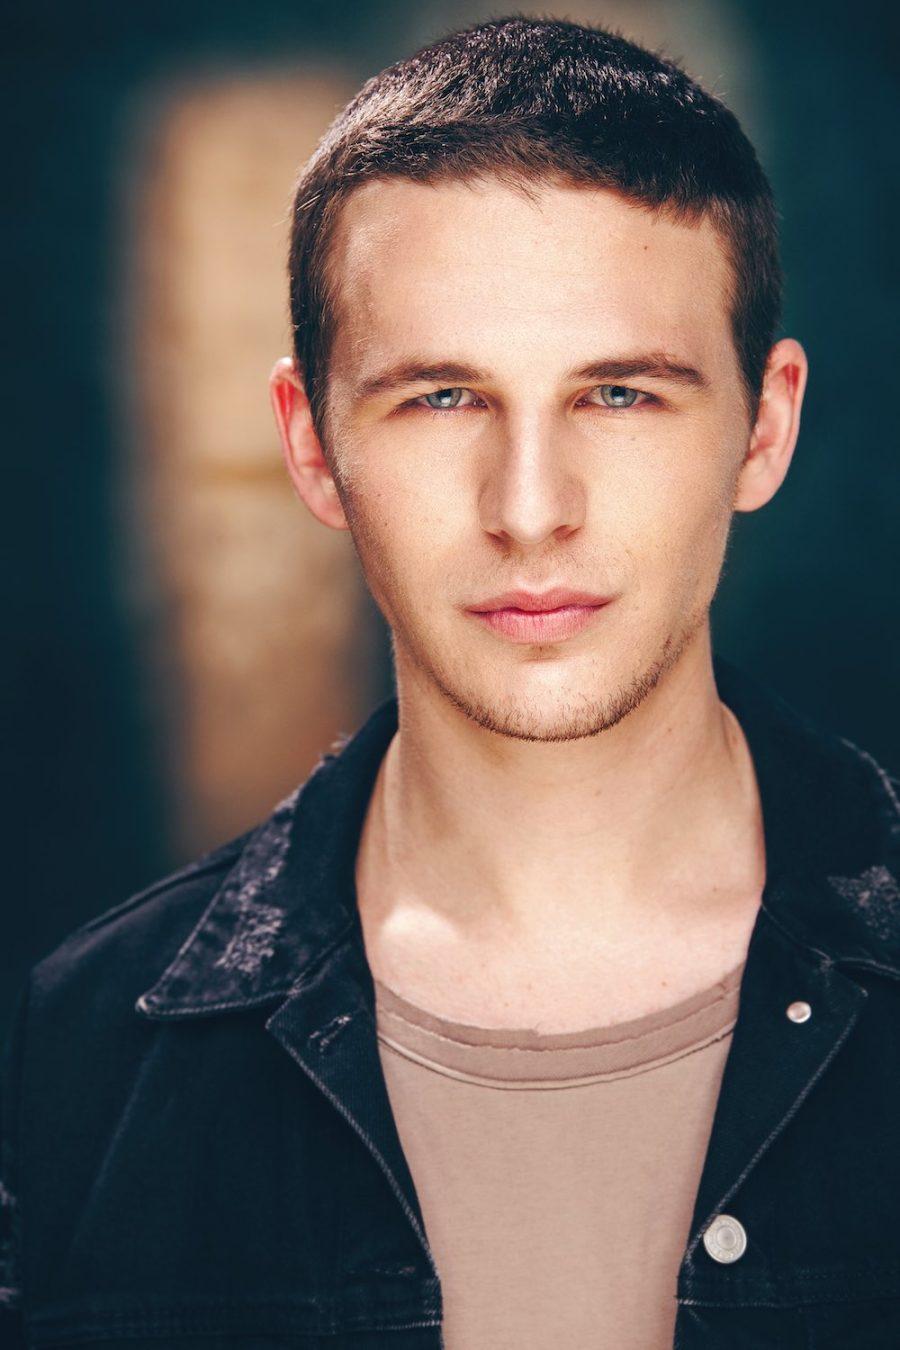 """Ludovico Torri è il giovane attore toscano vincitore di vari premi internazionali con il suo corto """"Mr. Fabulous"""", scritto con Clint Eastwood"""